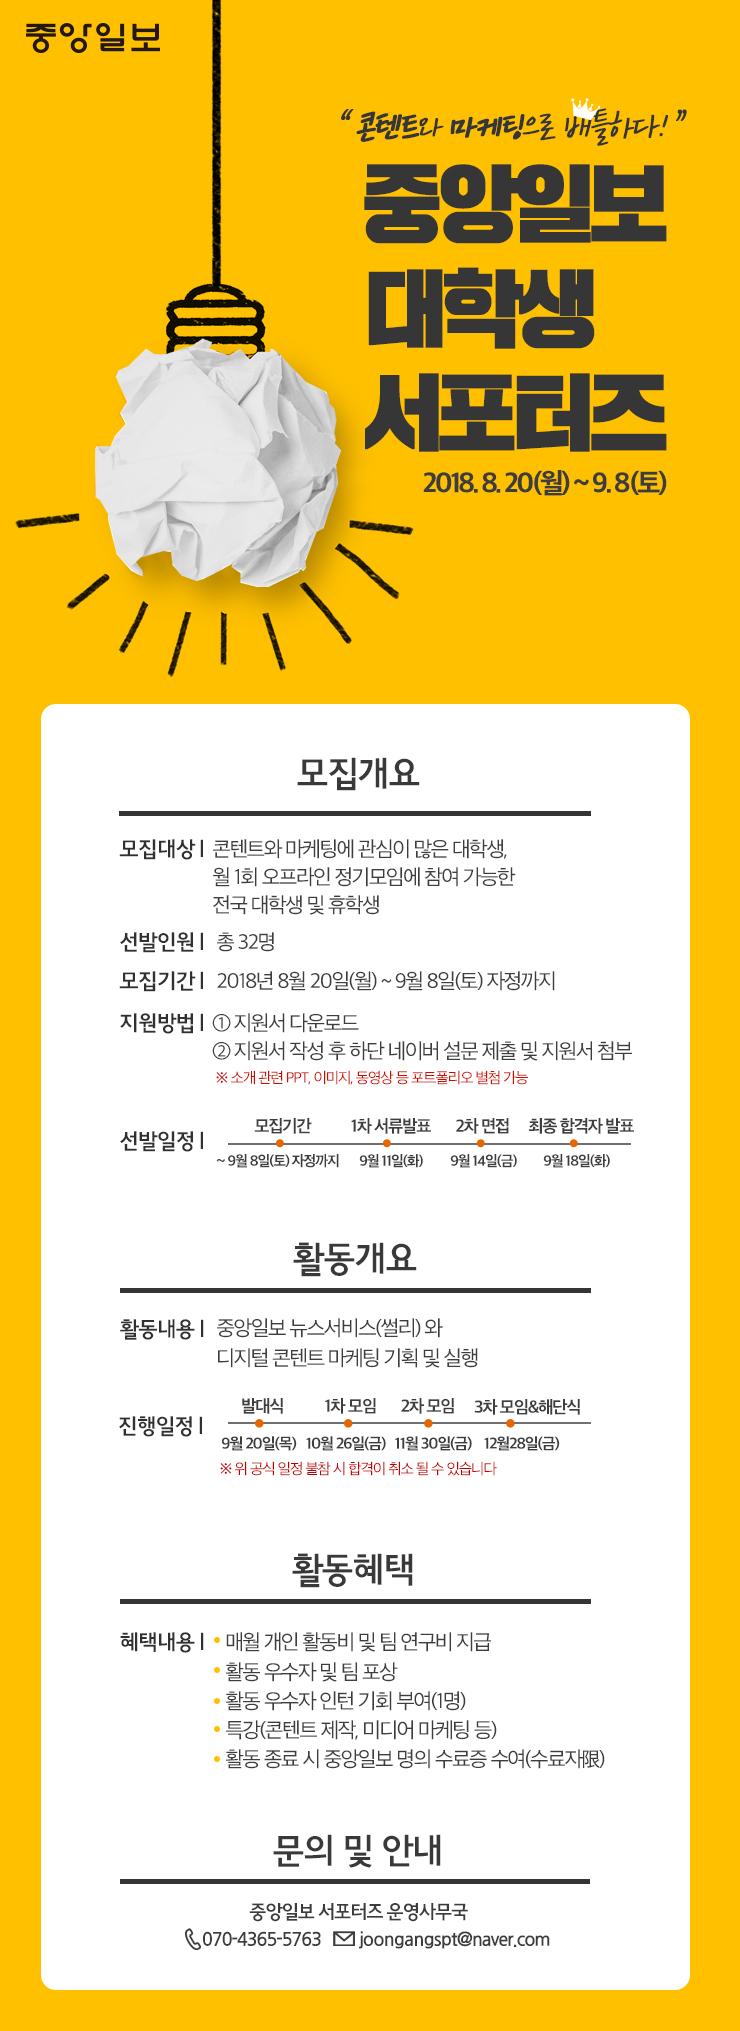 [중앙일보] 중앙일보 대학생 서포터즈 모집!!(~9/8 자정까지)